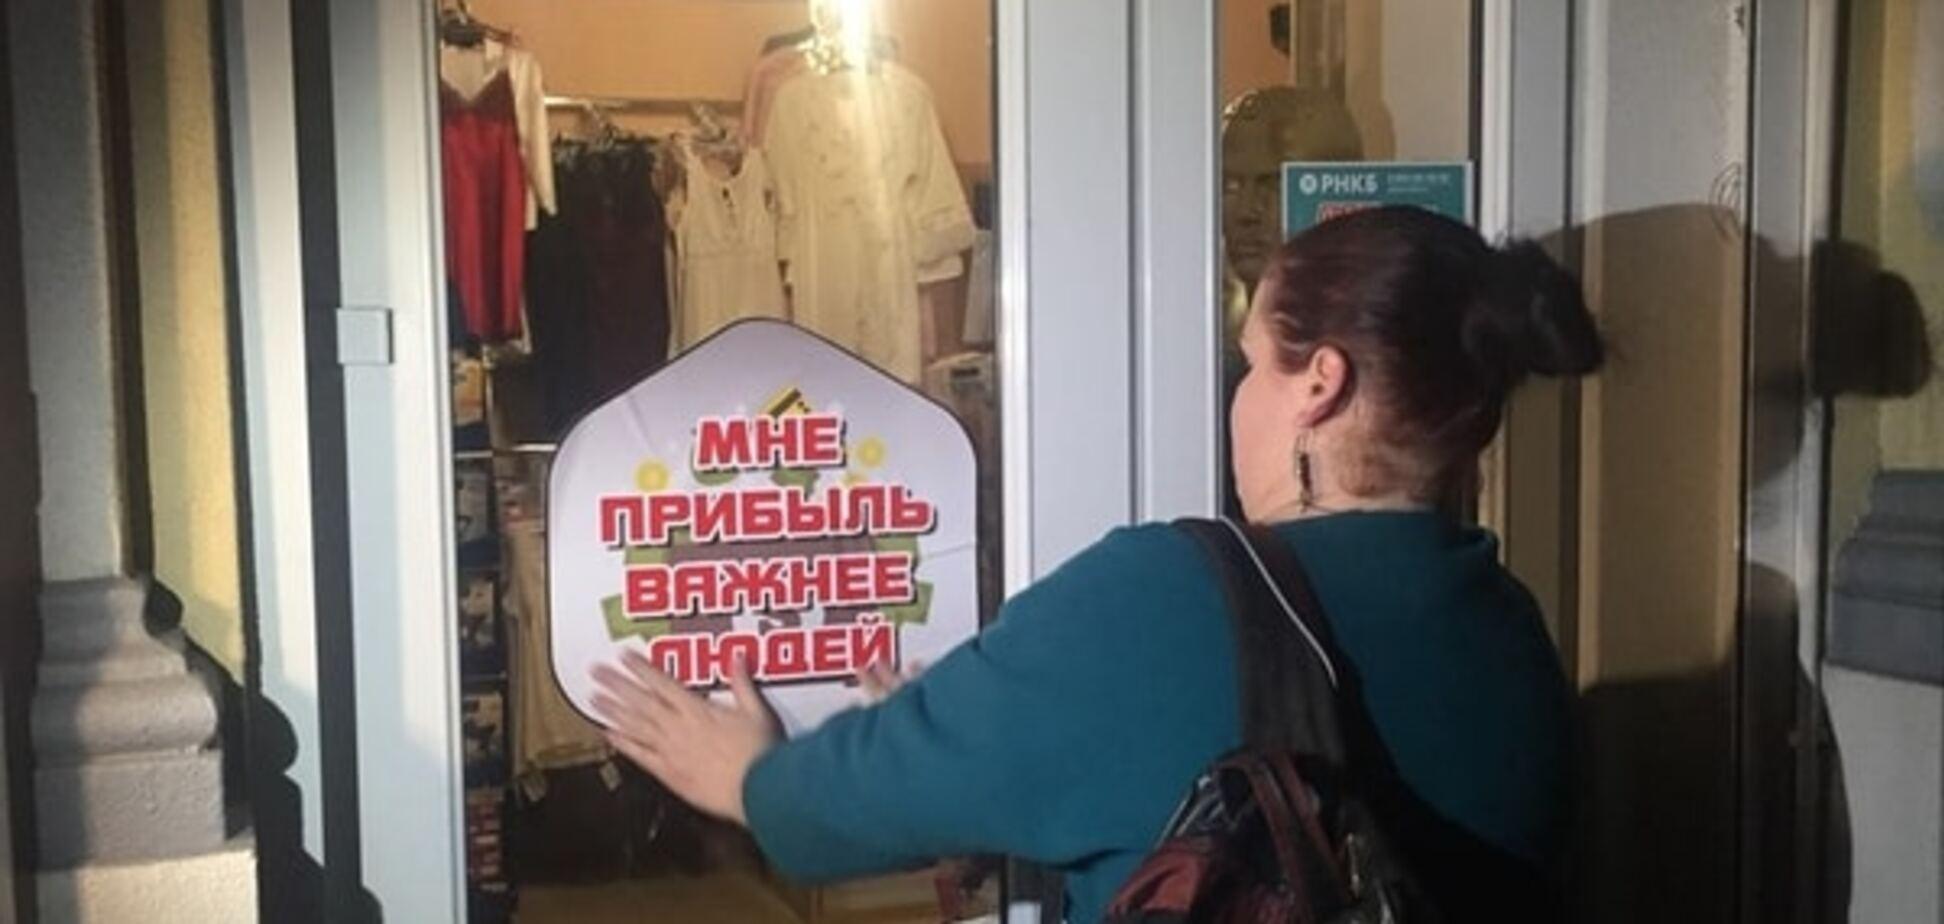 Клеймо позора и бойкот: жителей Крыма натравили на магазины со светом. Фотофакт